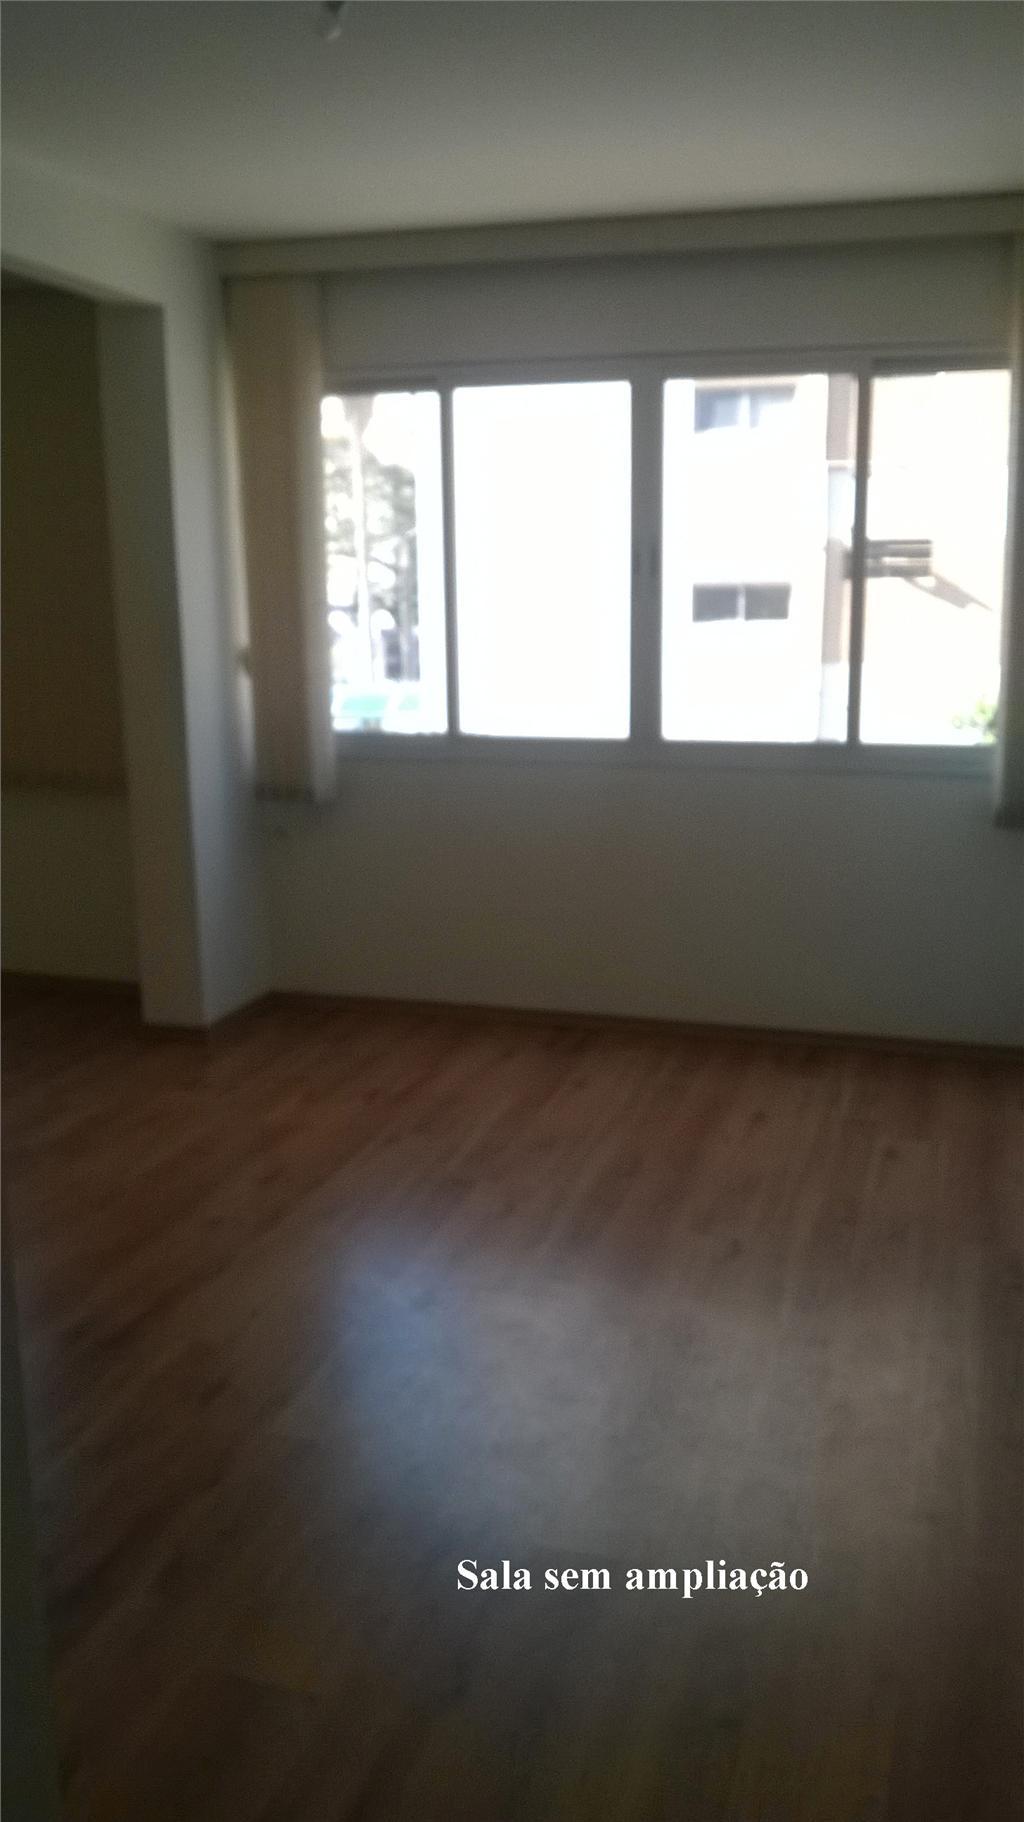 Moema local Nobre - apto 3 dormitórios - VAZIO - R$ 470.0000...